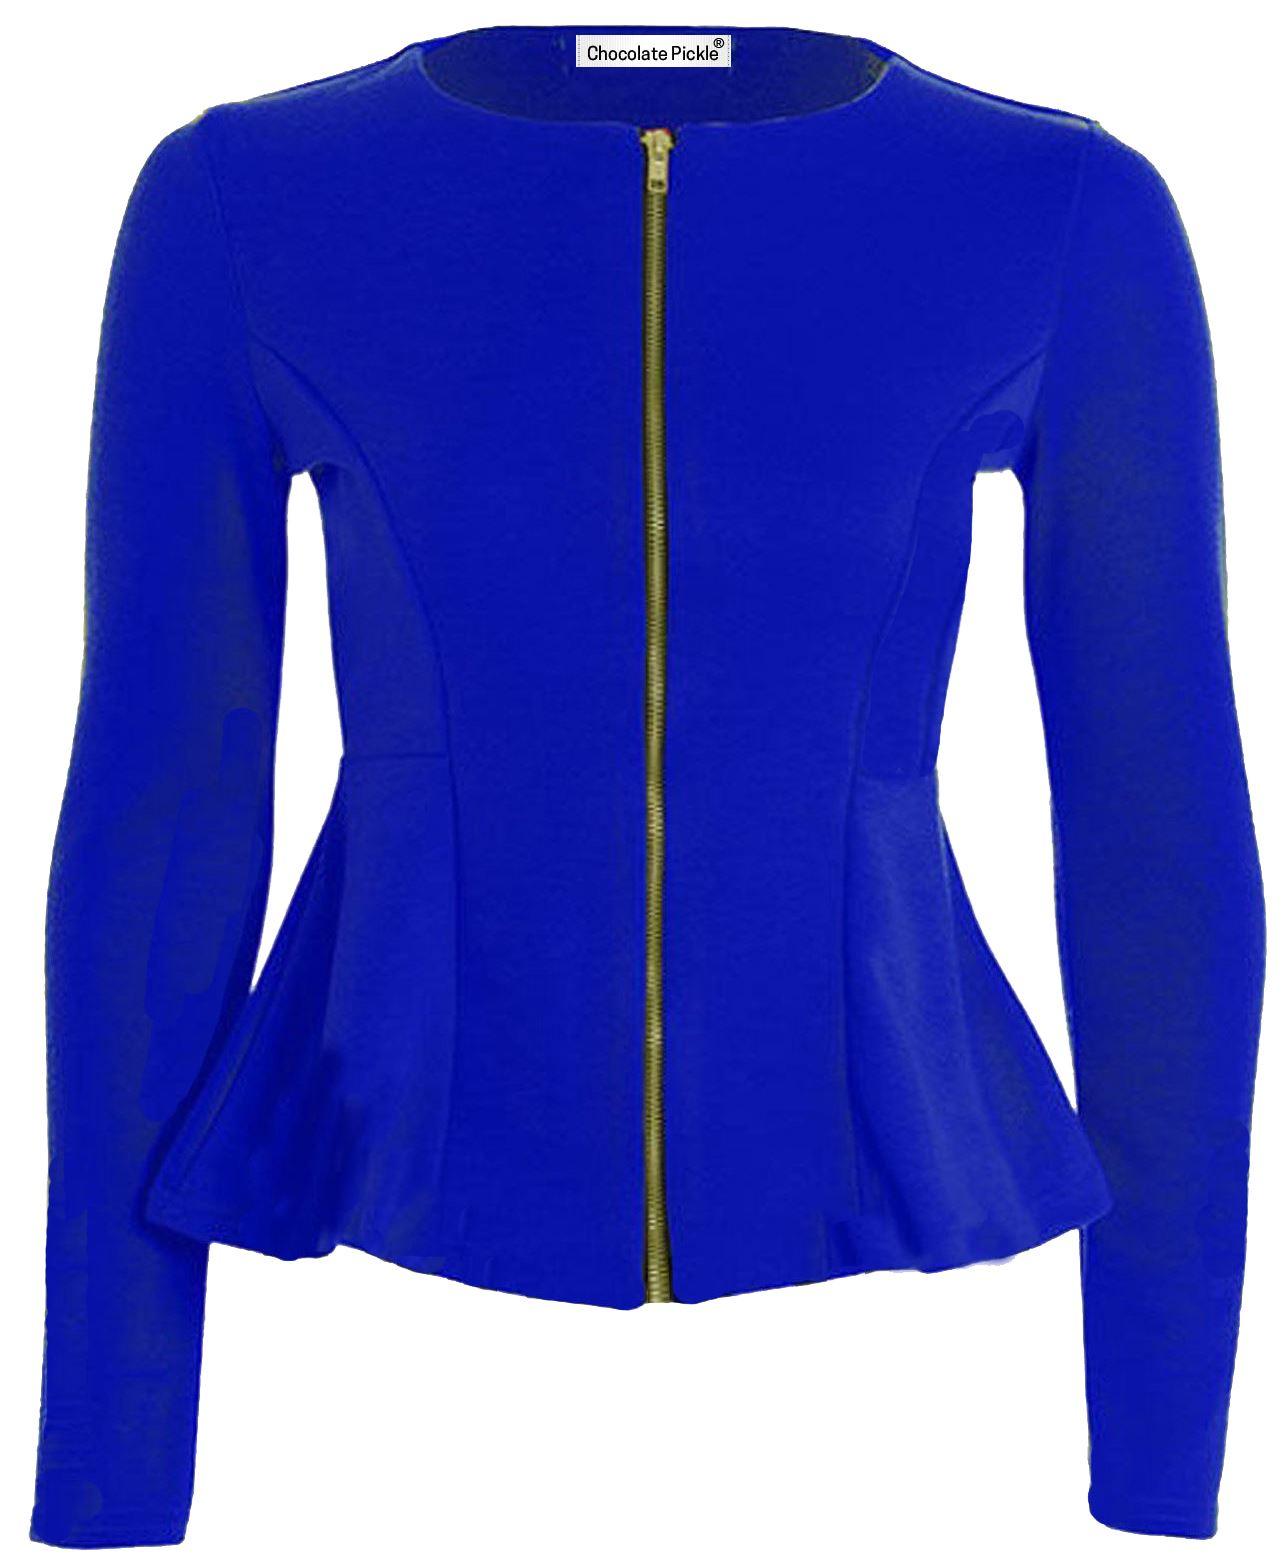 Womens waist coats